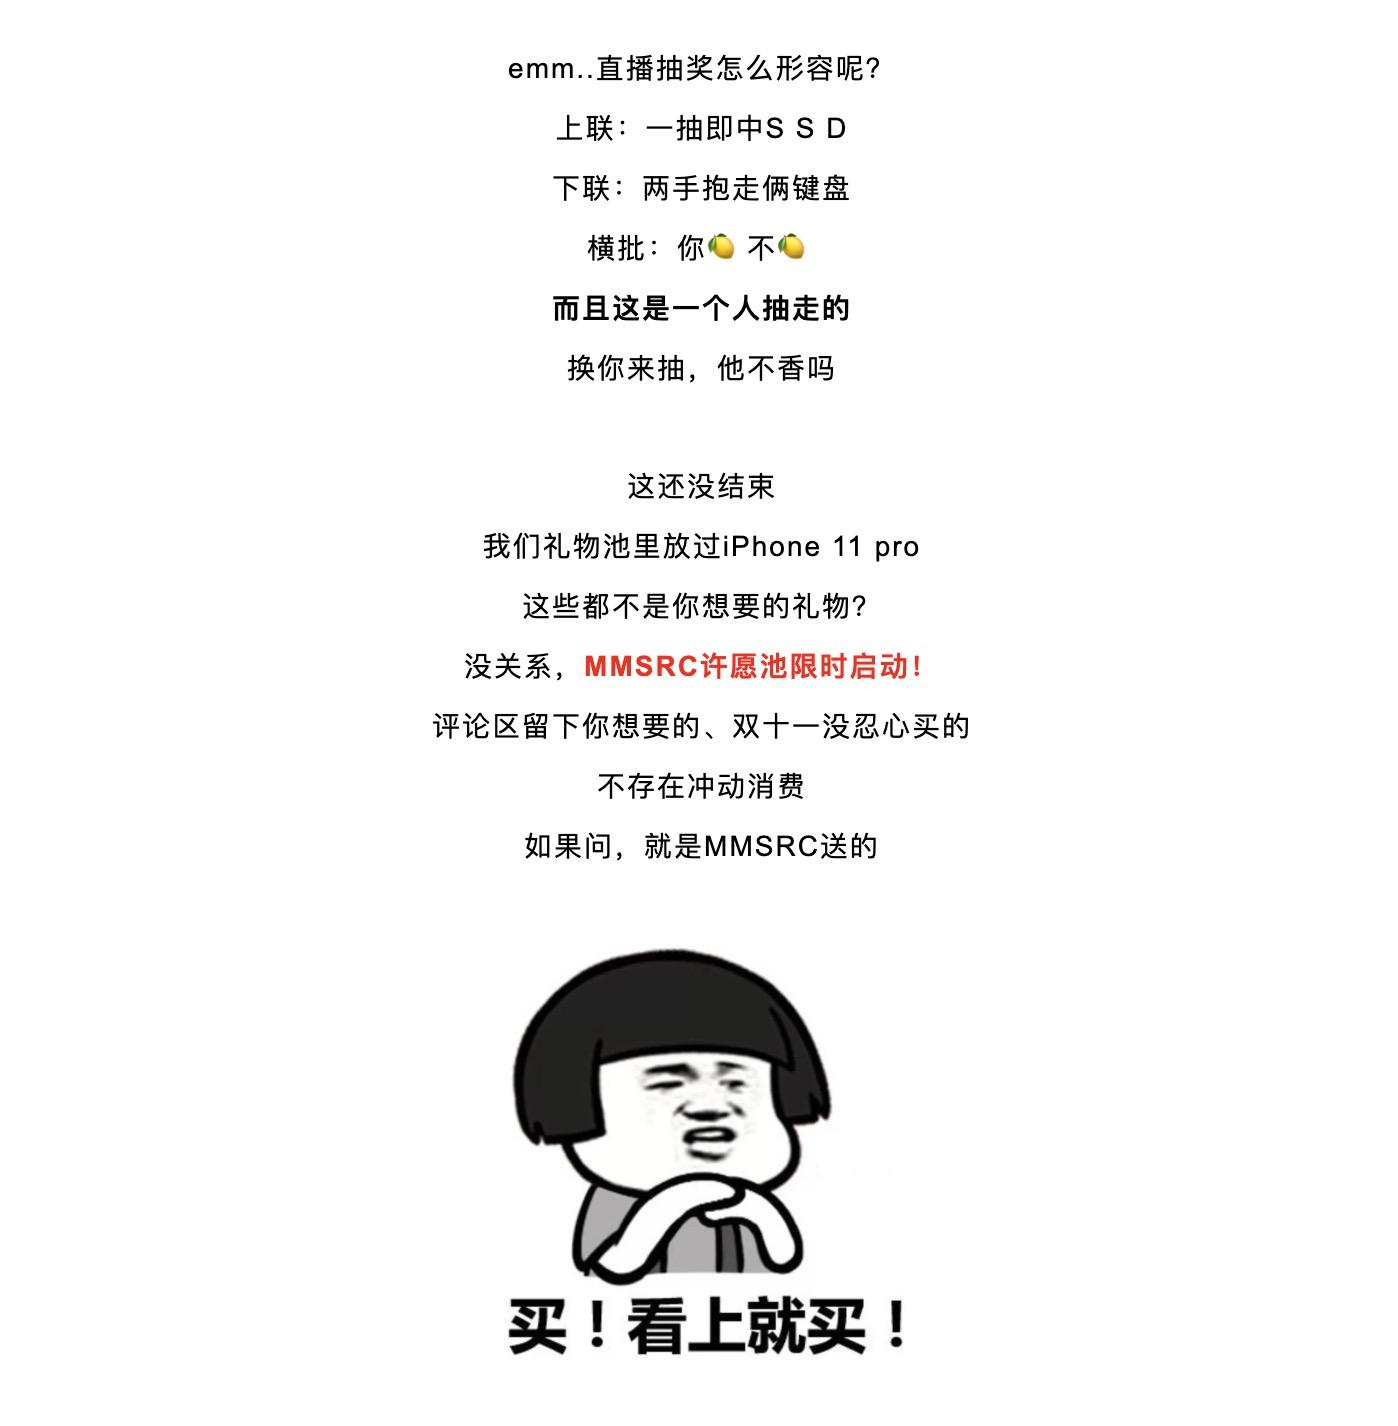 https://momo-mmsrc.oss-cn-hangzhou.aliyuncs.com/img-576effc6-50a7-3a79-a73d-0c9a30860923.jpeg